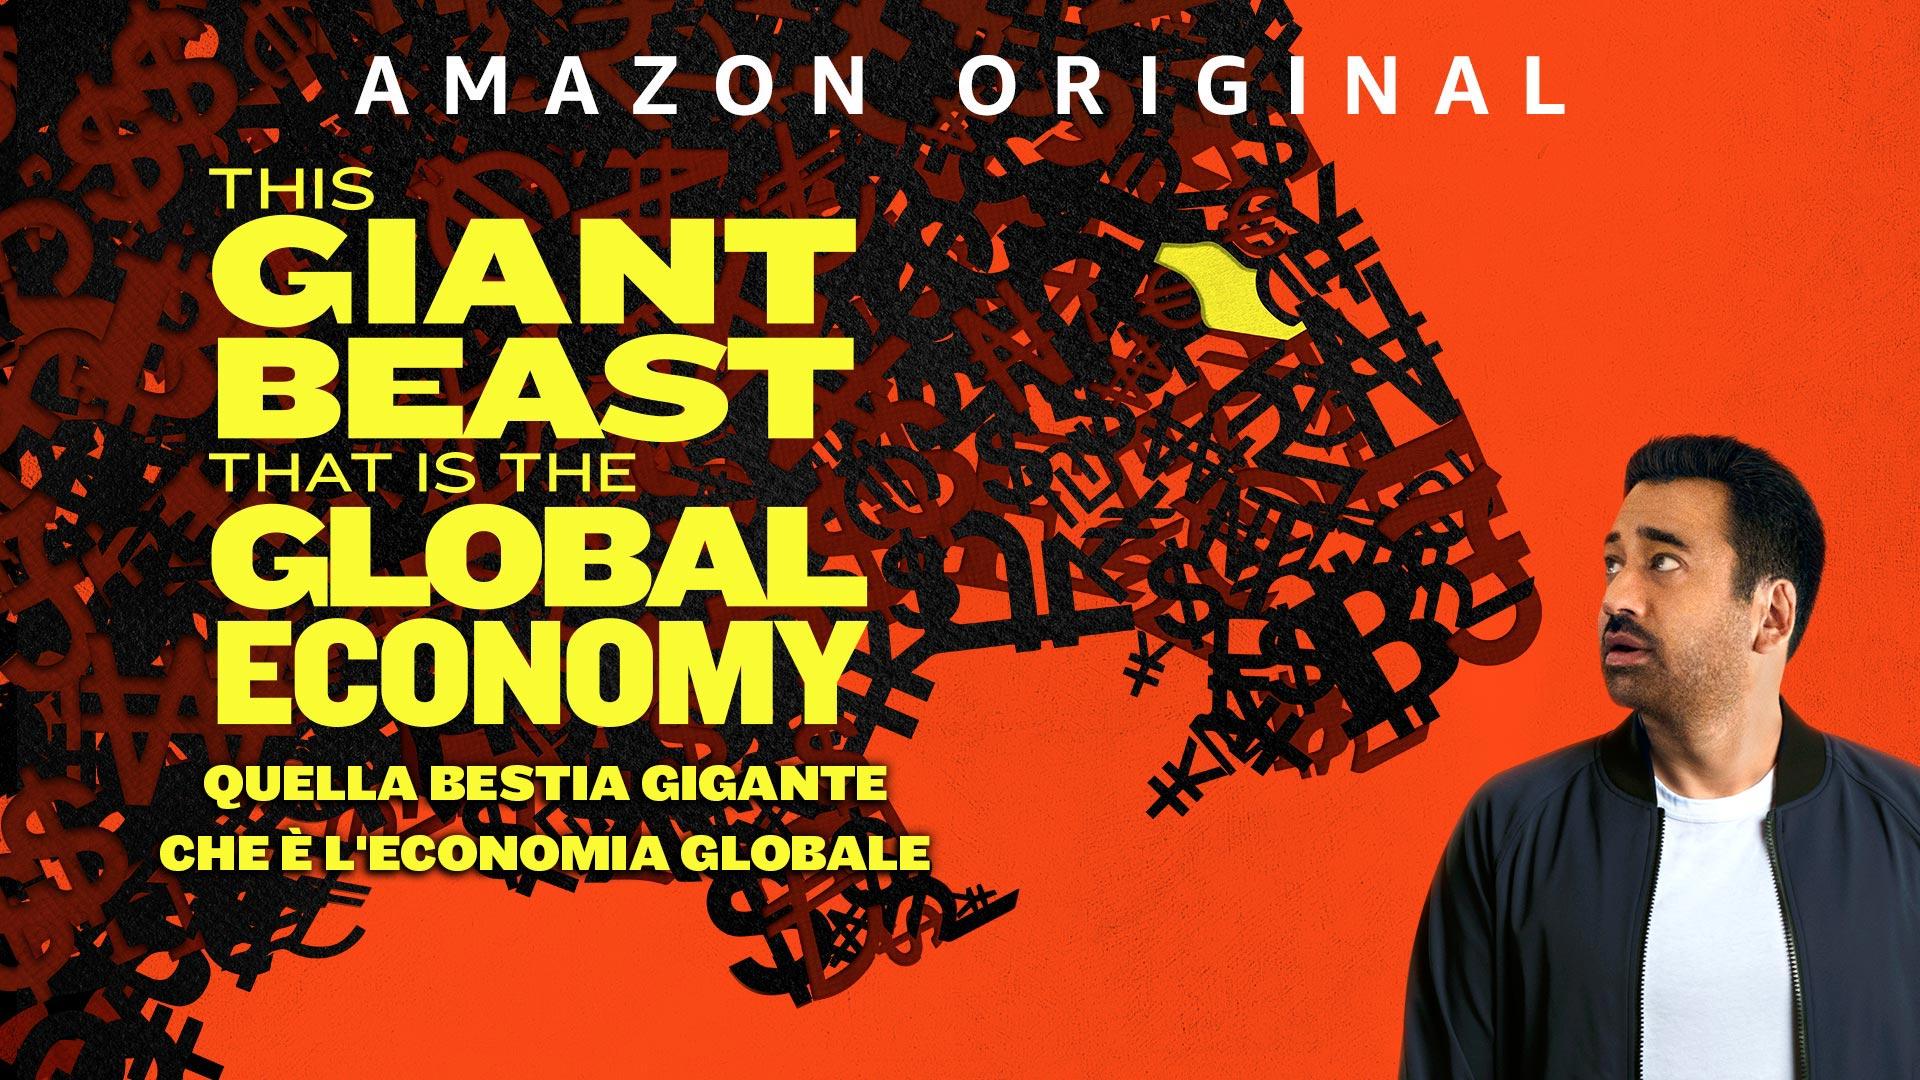 Quella bestia gigante che è l'economia globale - Stagione 1